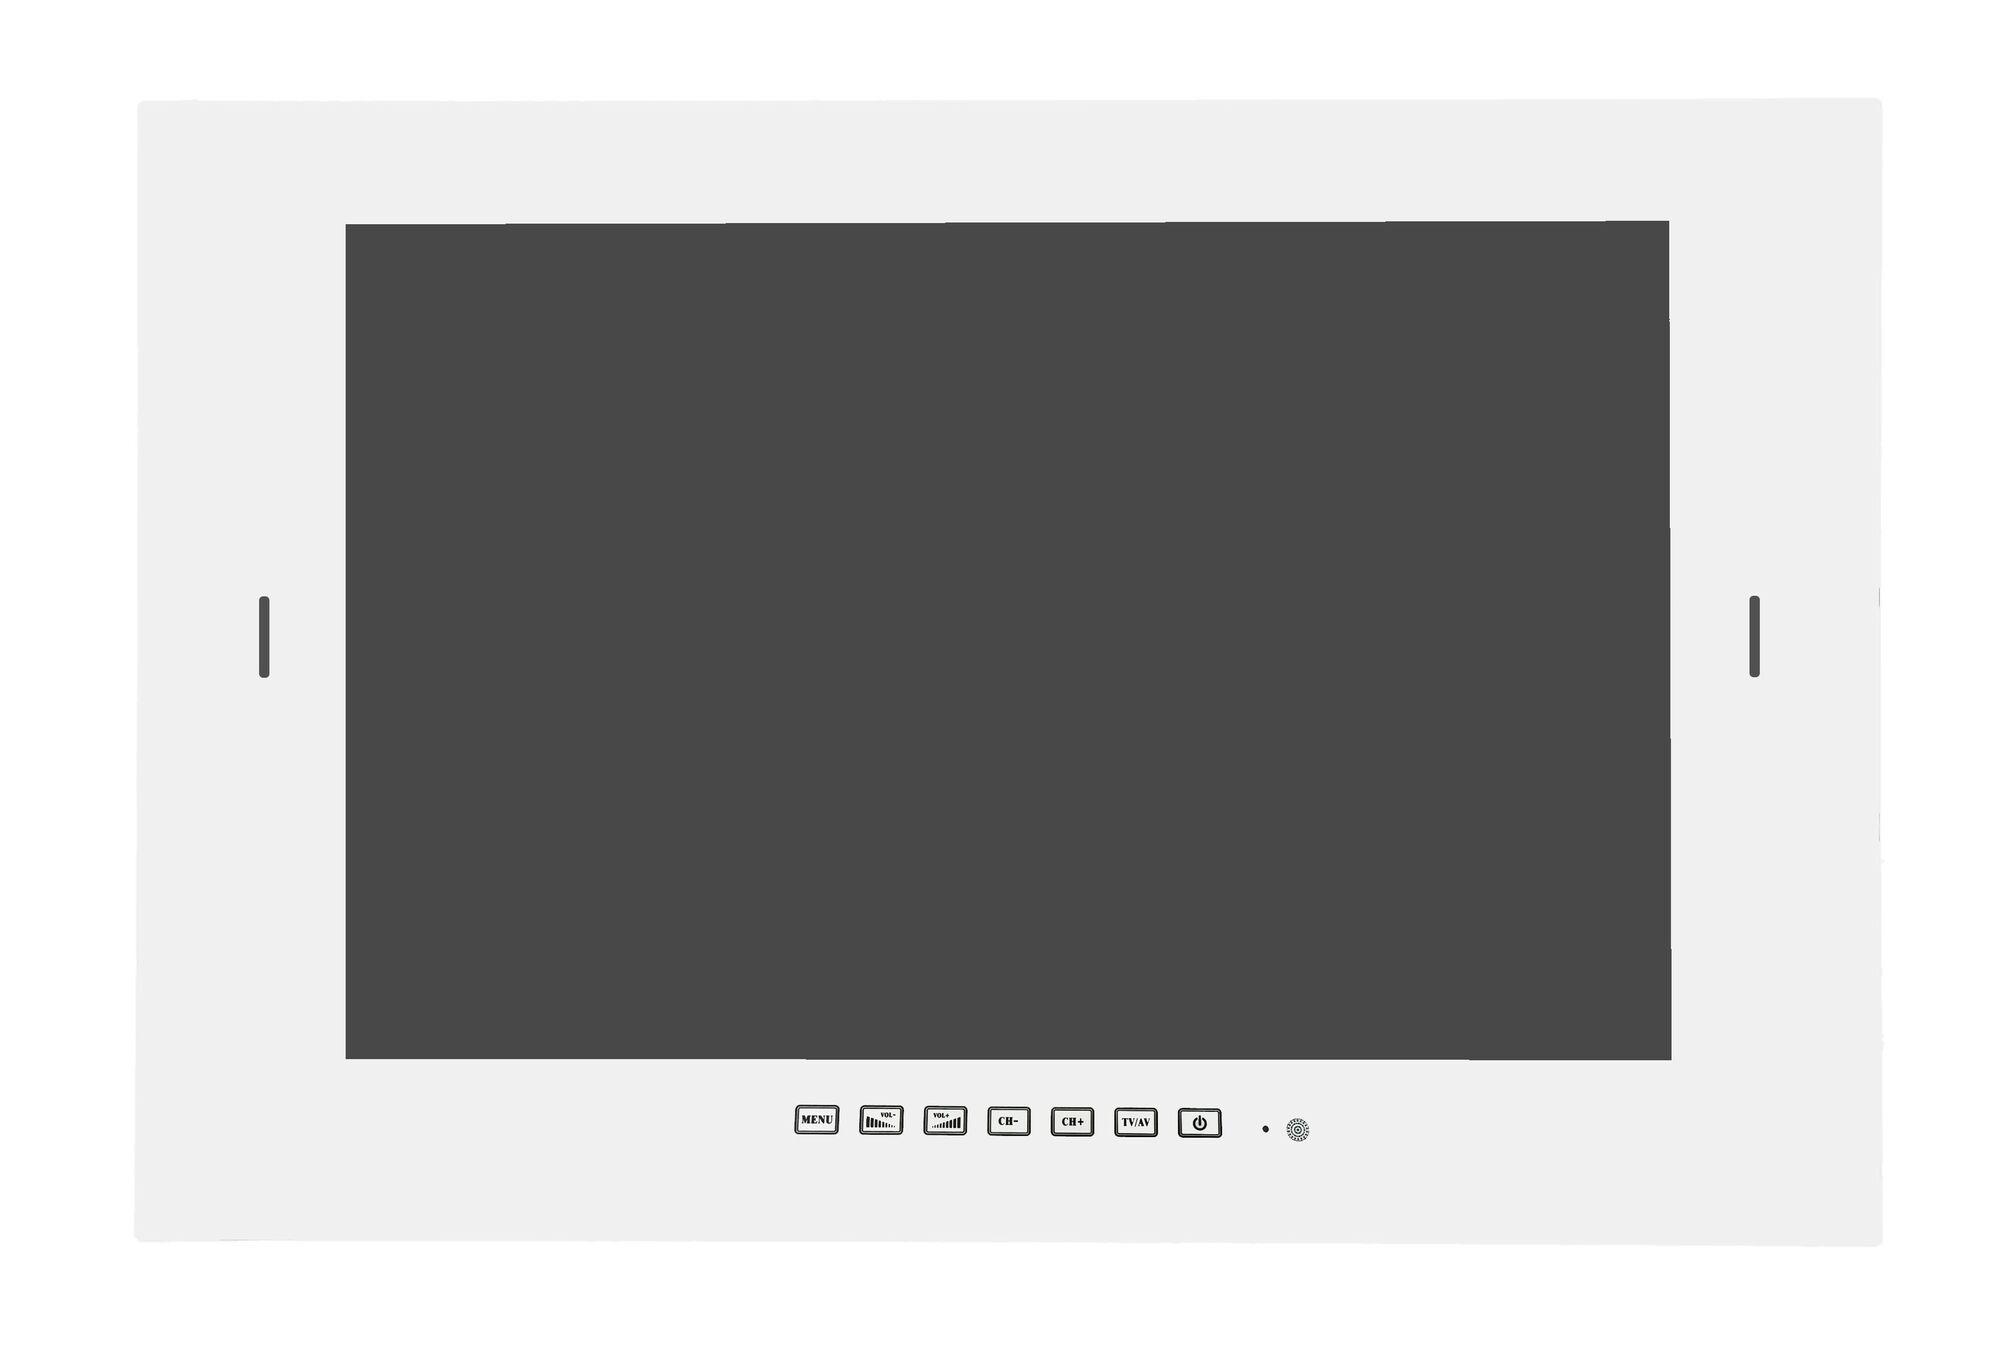 Waterdichte LED TV 32 inch met DVB-S2 & DVB-C tuner, wit - SV51